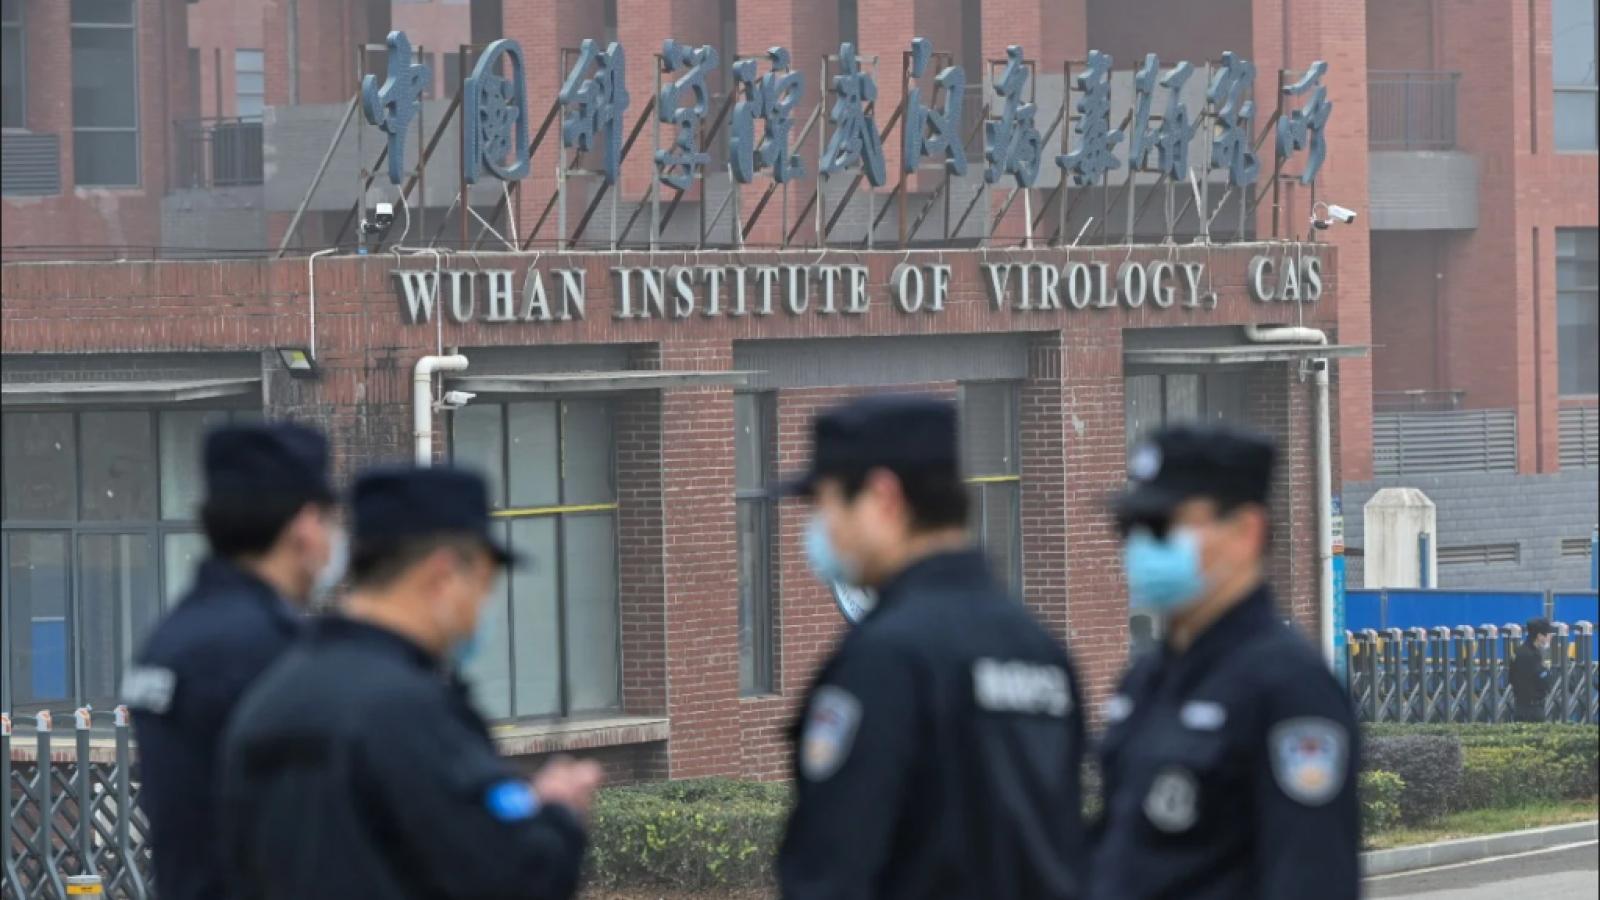 Trung Quốc tính xây hàng chục phòng thí nghiệm sinh học giữa tranh cãi nguồn gốc Covid-19